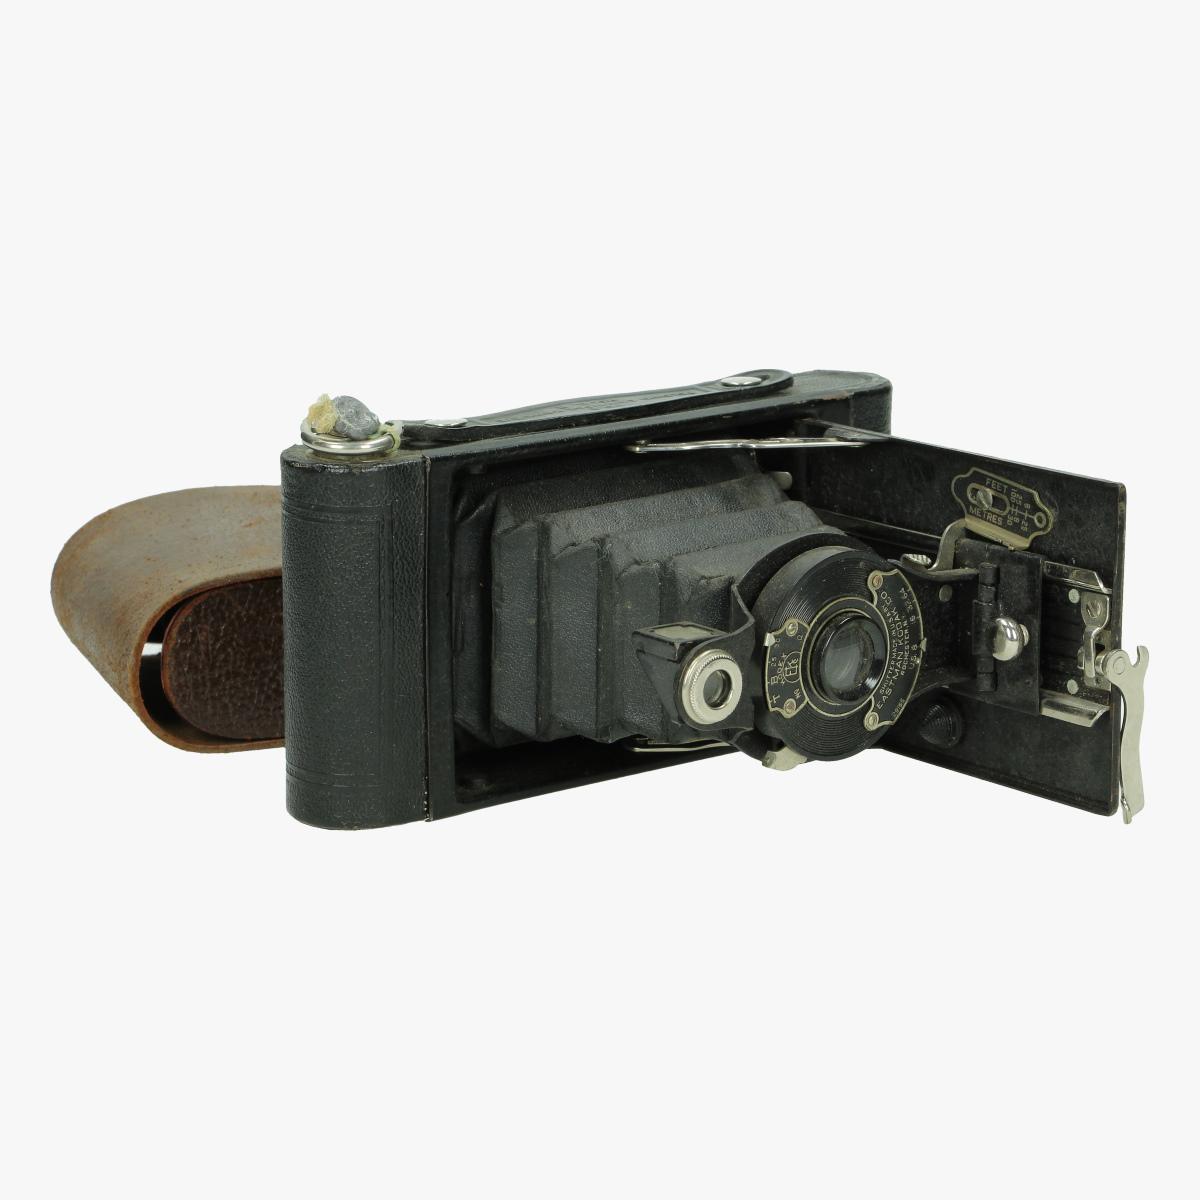 Afbeeldingen van fotocamera no°2 folding cartridge Hawk- eye model -B made in u.s.a by Eastman kodak Co Rochester N.Y use film no. 120